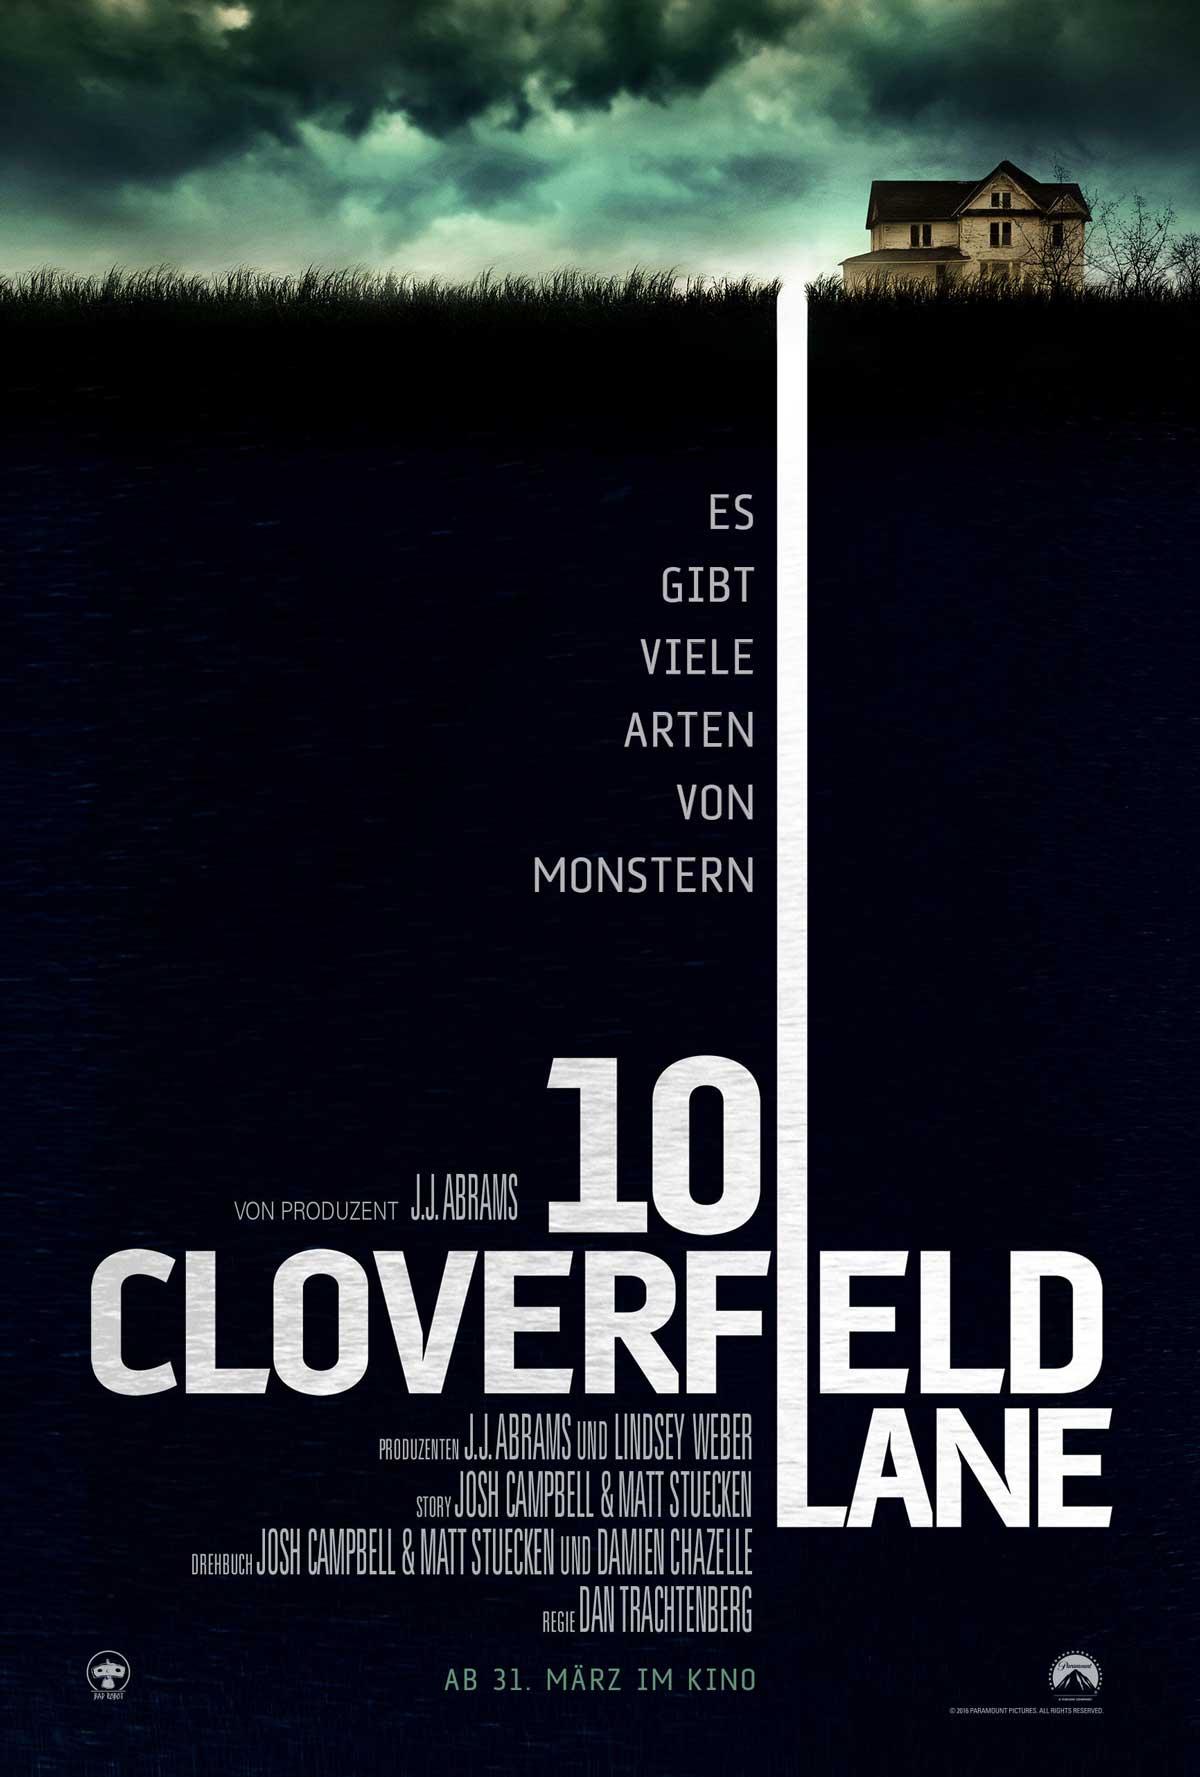 Plakatausschnitt Cloverfield Lane